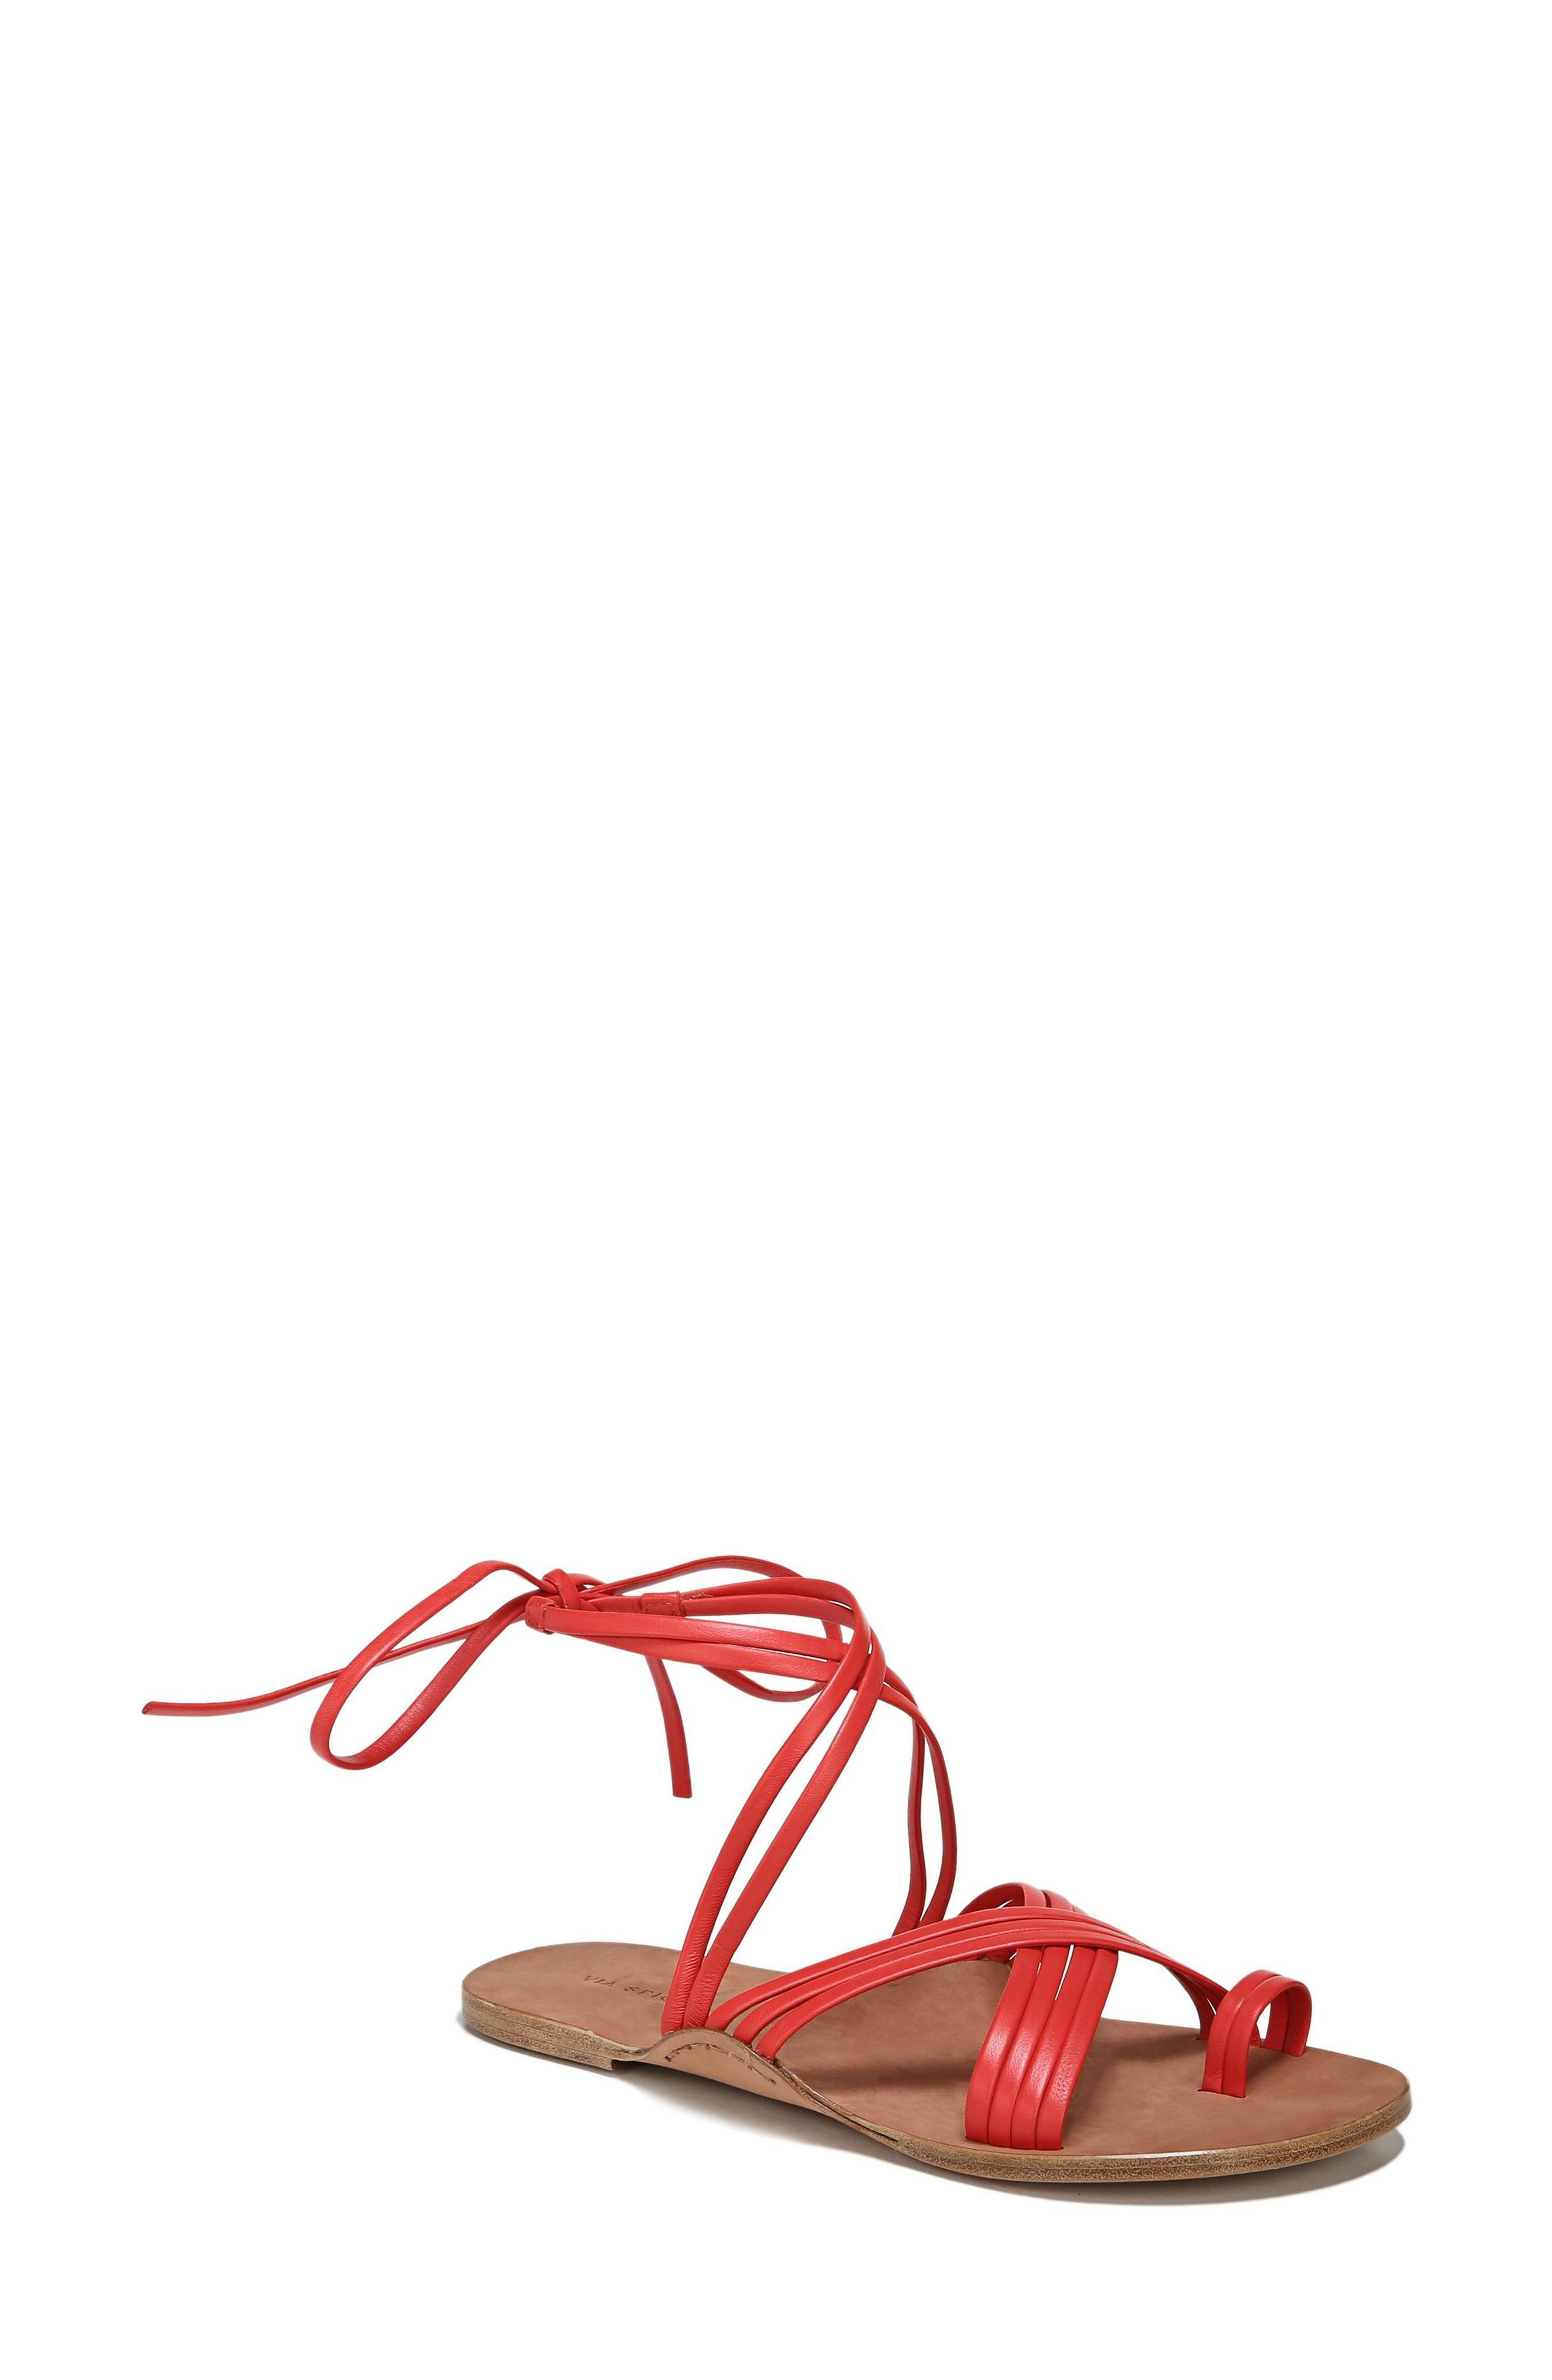 Via Spiga Allegra Sandal In Poppy Red Leather